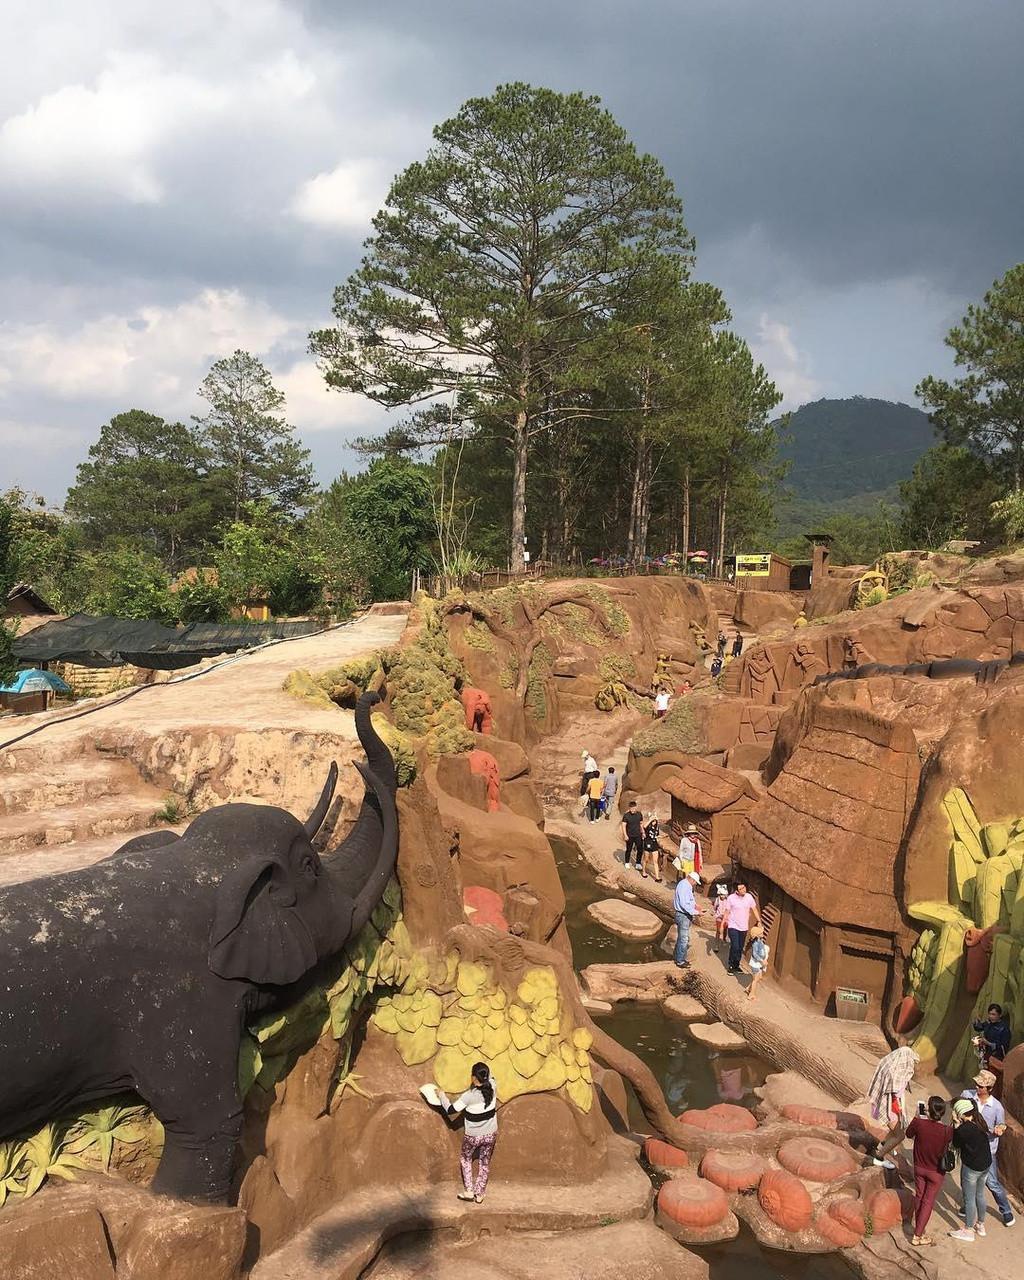 Đường hầm đất sét – Điểm đến check in hấp dẫn tại Đà Lạt - ảnh 3